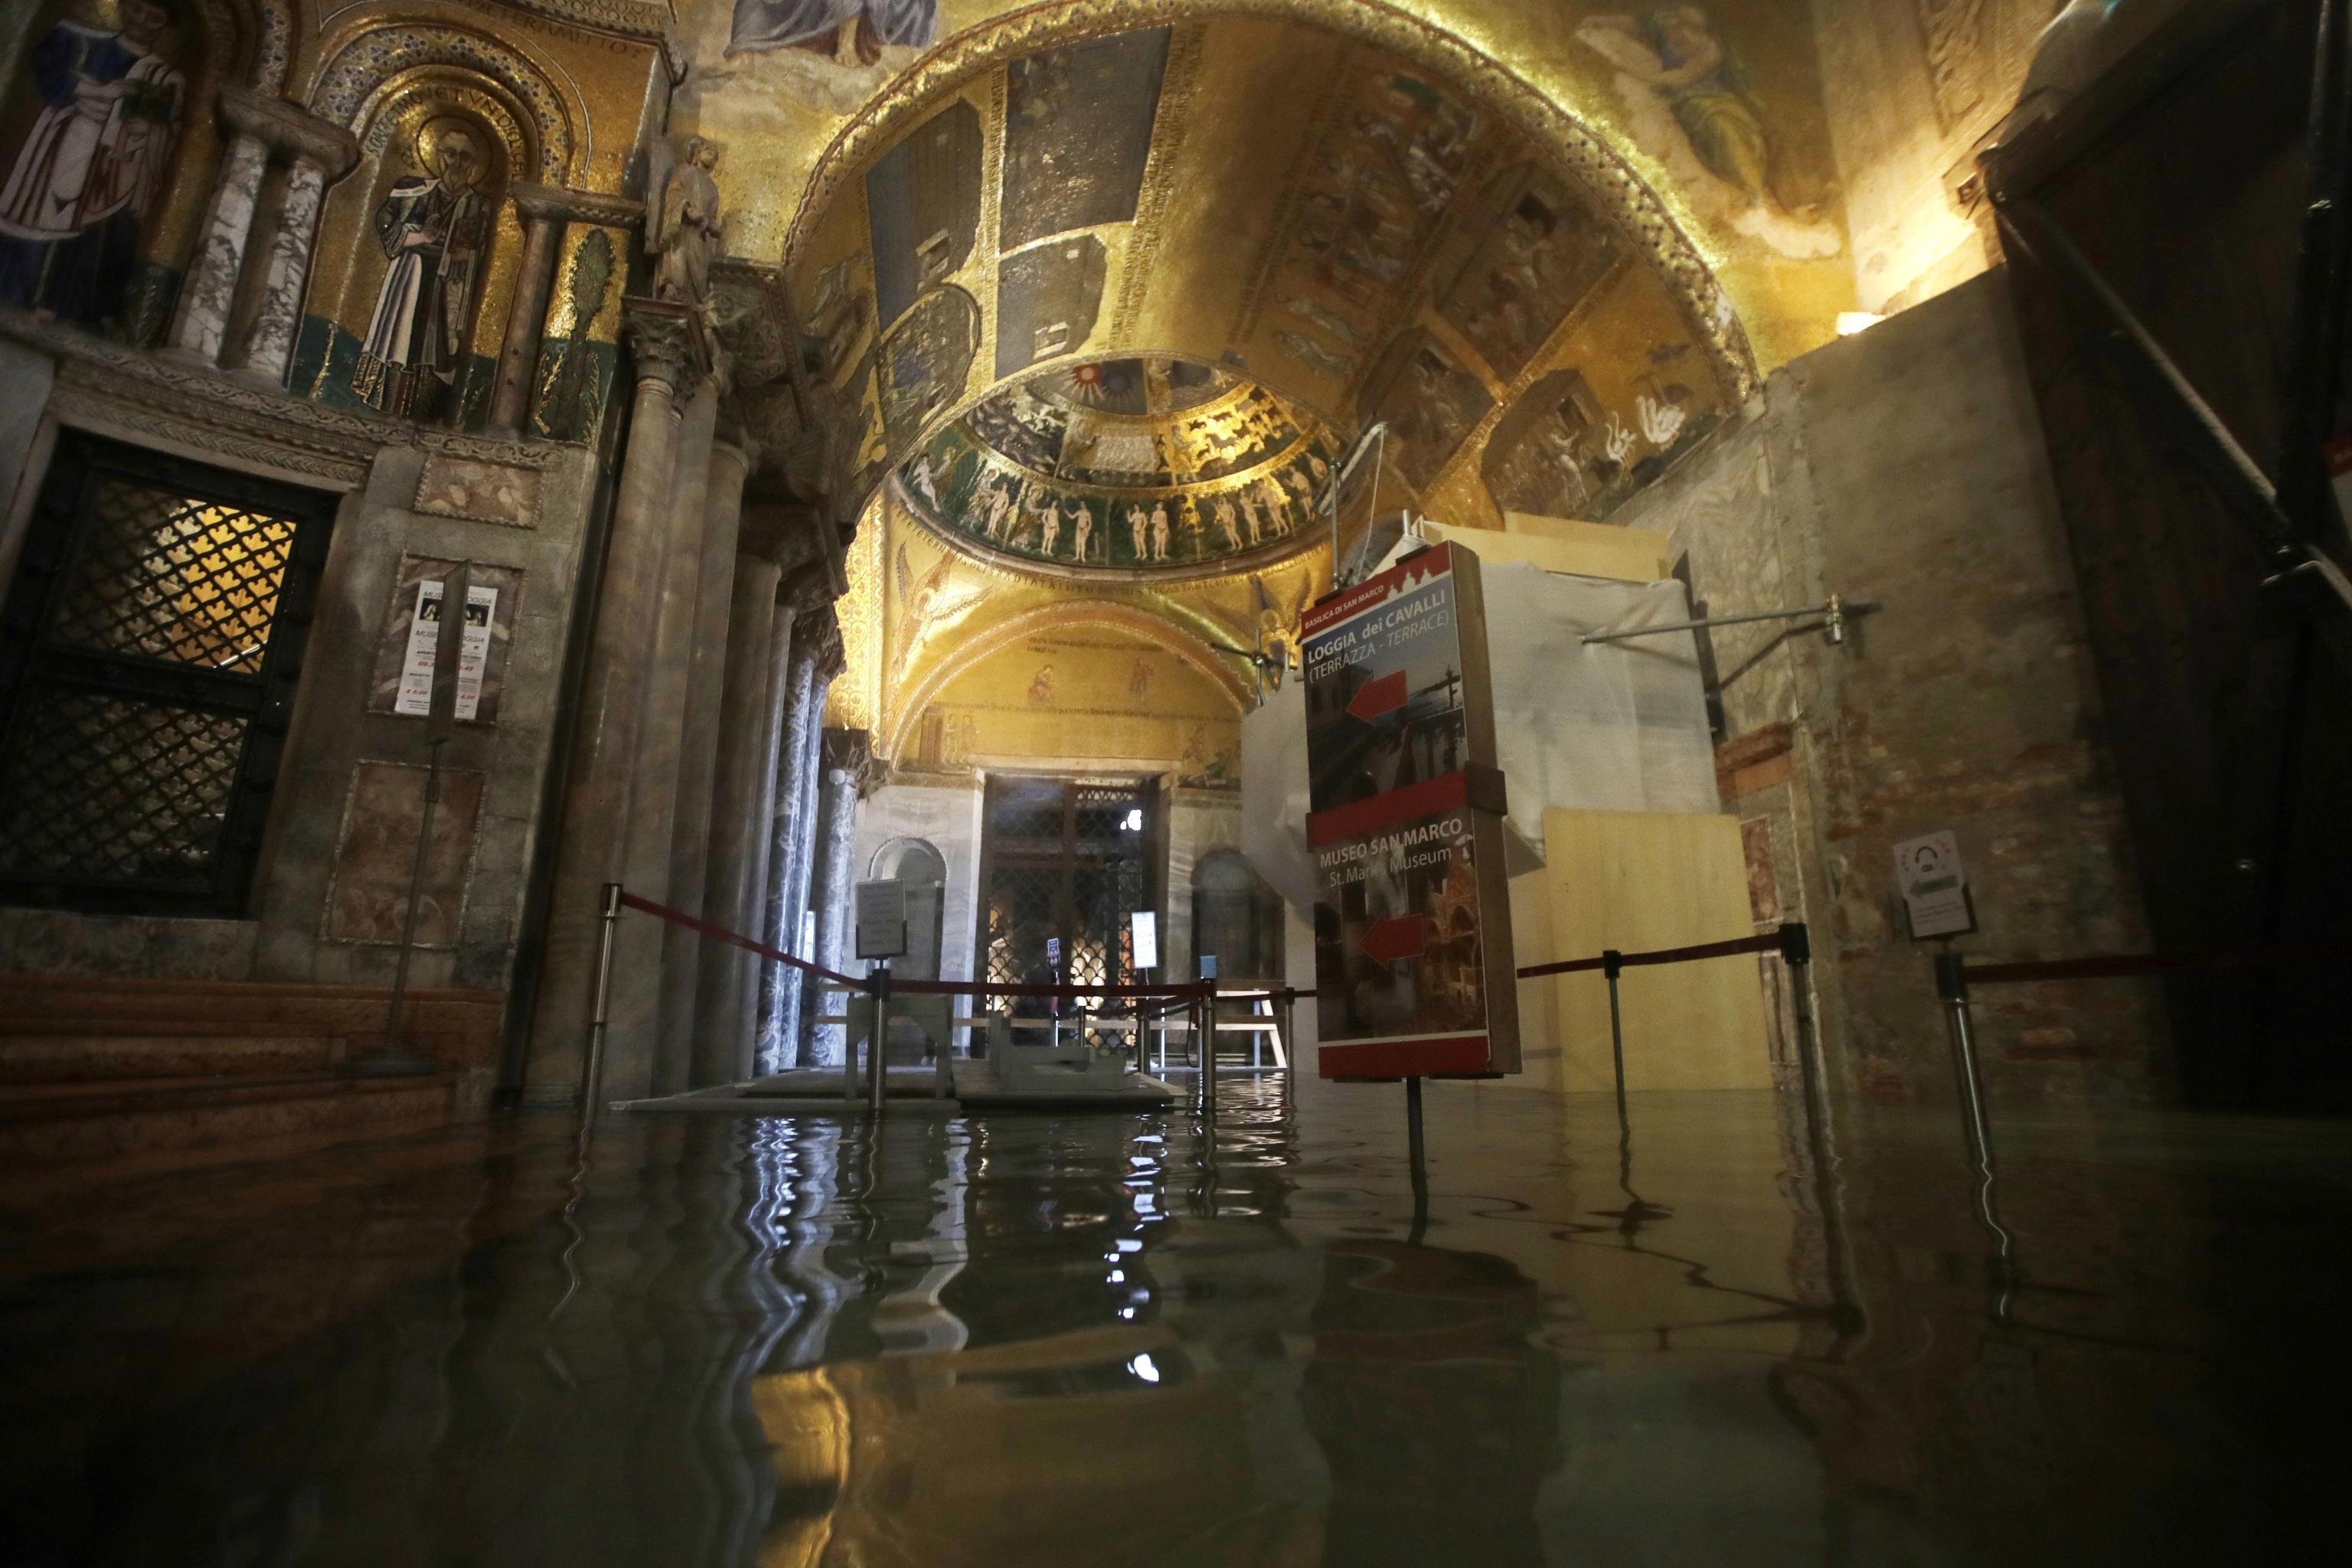 L'ingresso allagato della basilica di San Marco